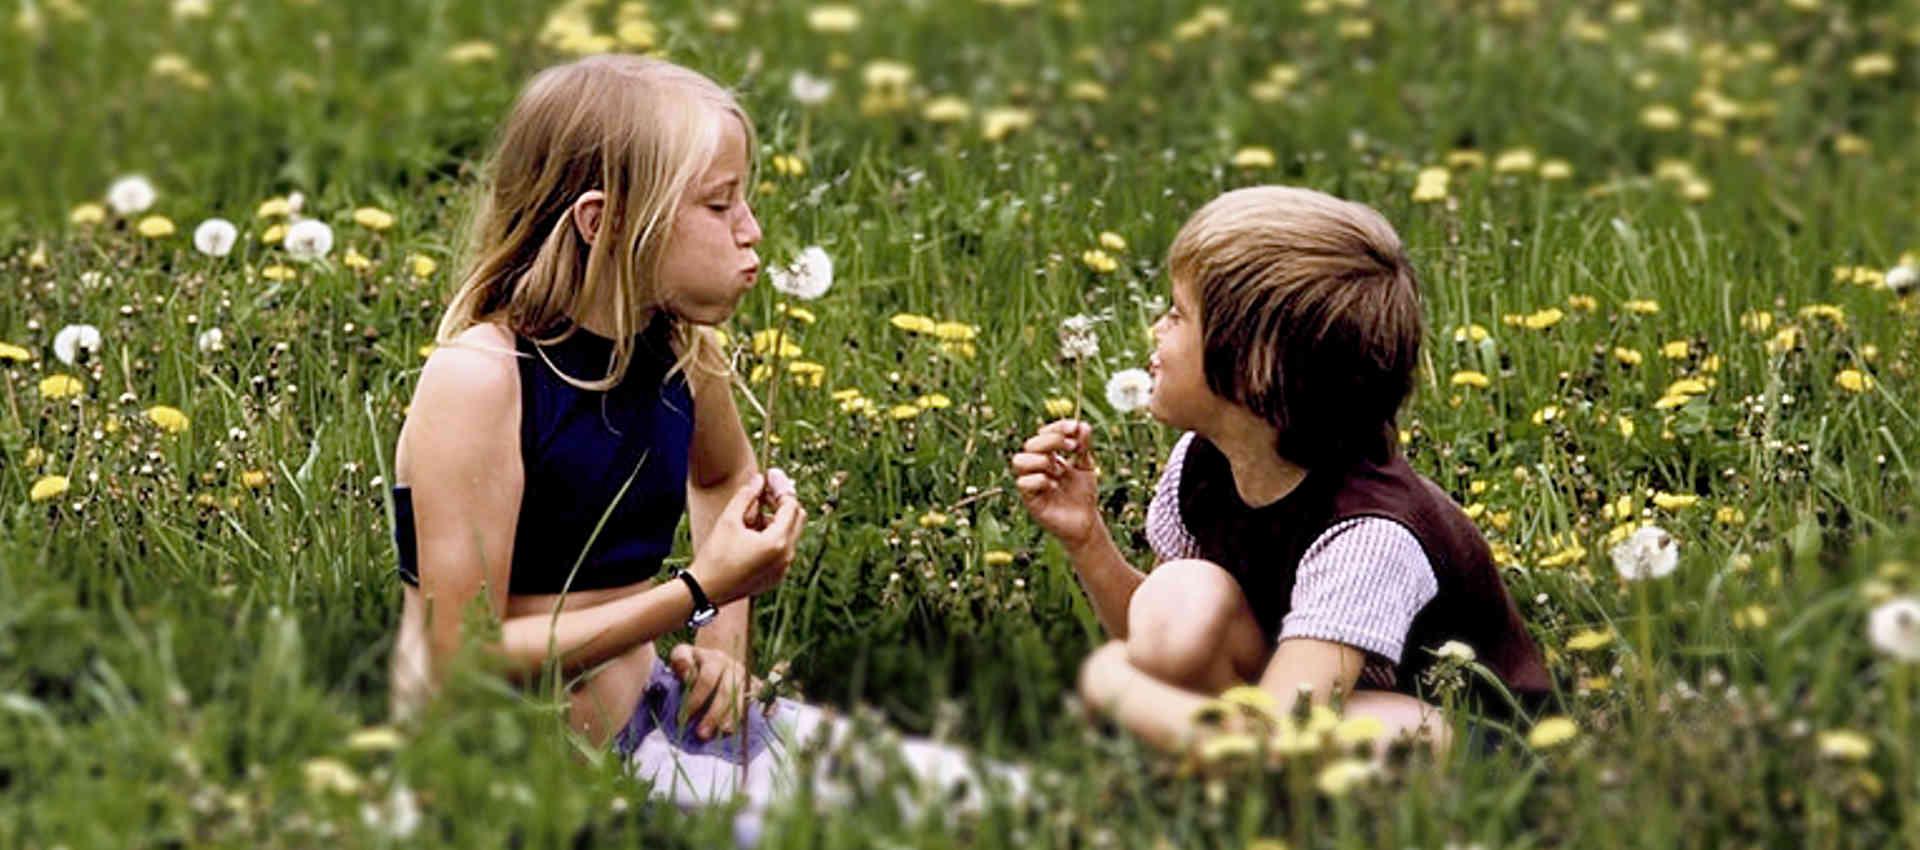 Foto von zwei Kindern auf einer Wiese für Spenden für Fidura Fonds